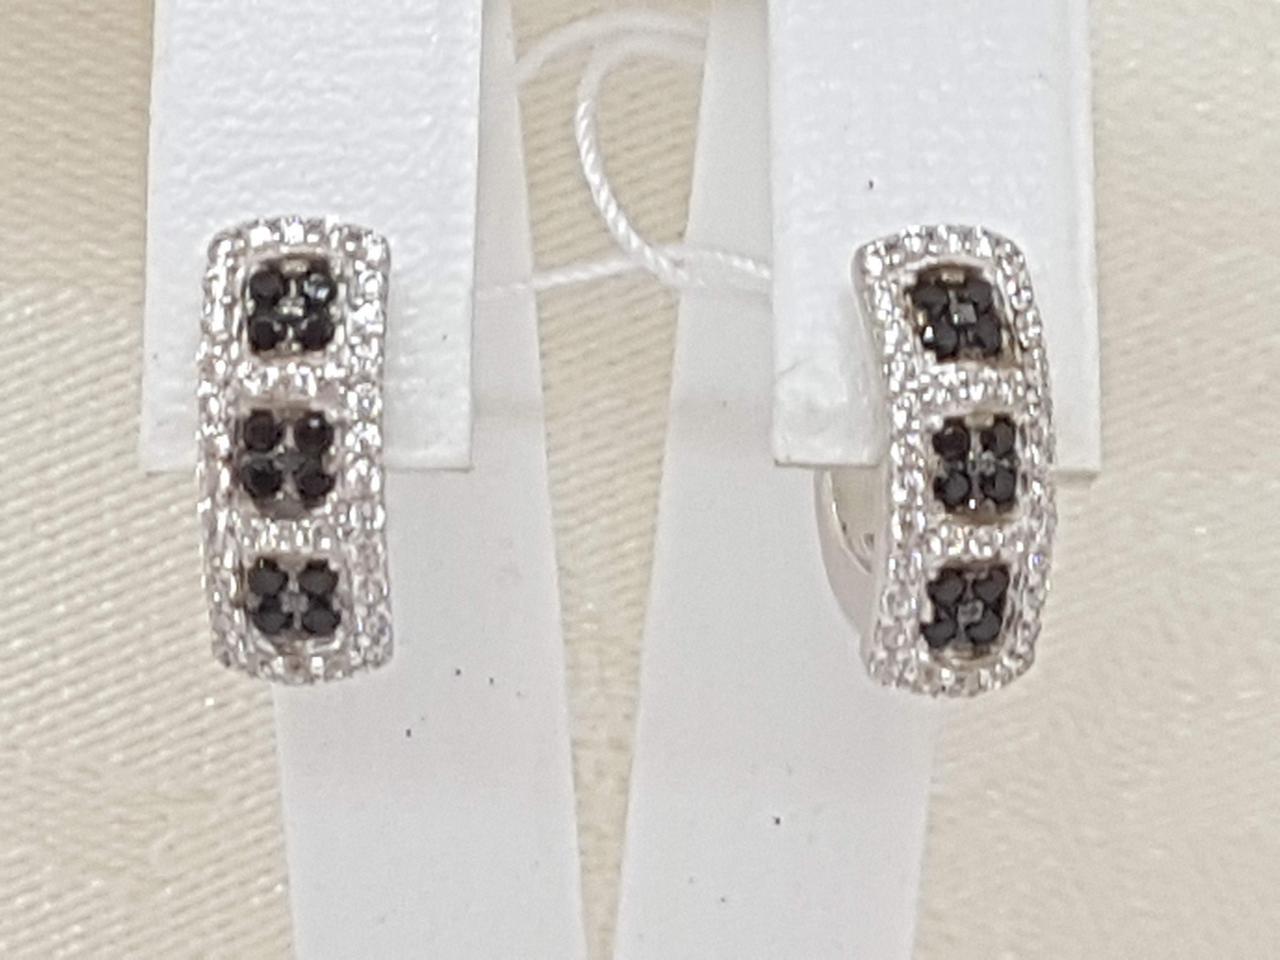 Серебряные серьги Флейм с фианитами. Артикул 2181/1Р-CZ